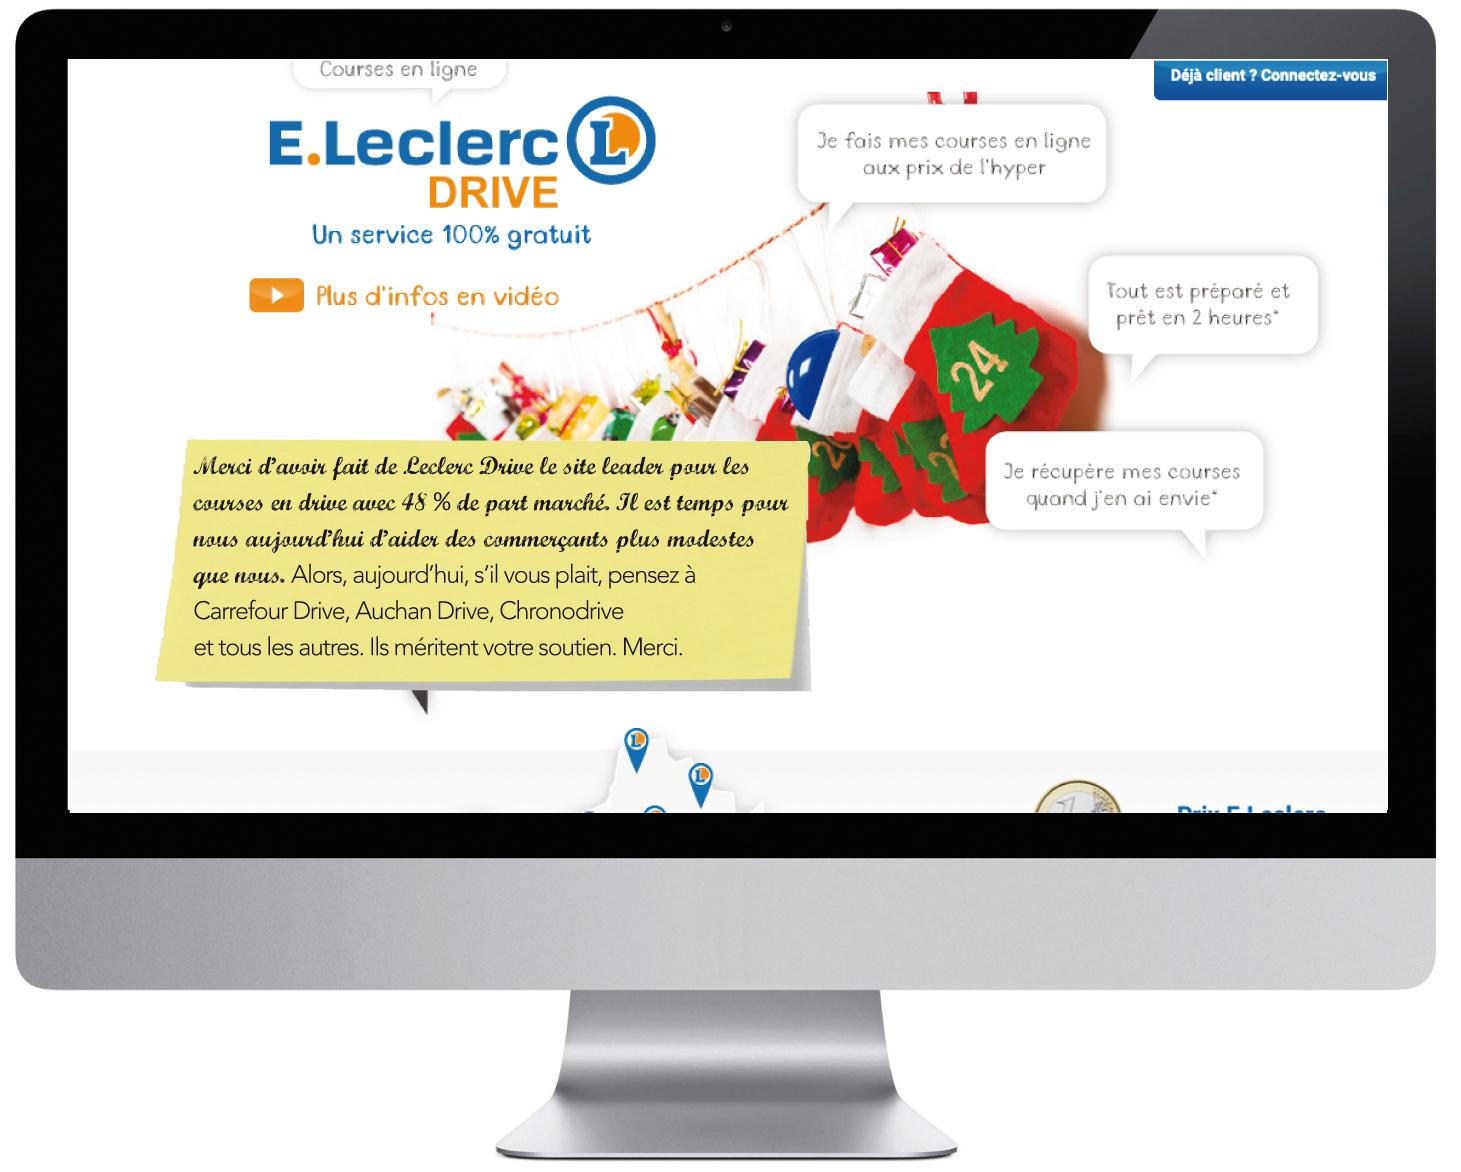 LeclercDrive